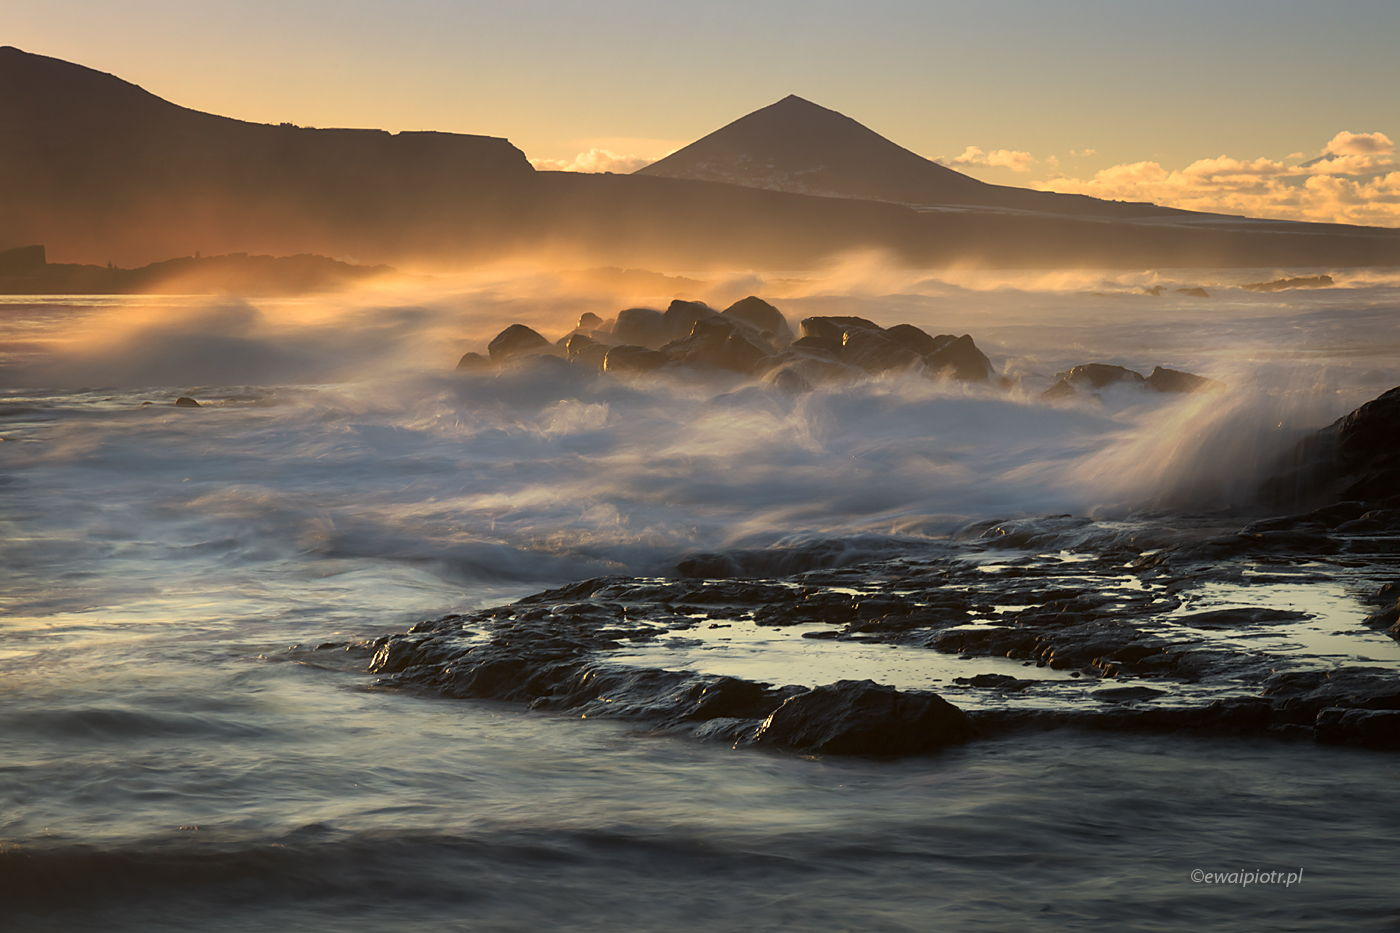 Zachód na wybrzeżu, Wyspy Kanaryjskie